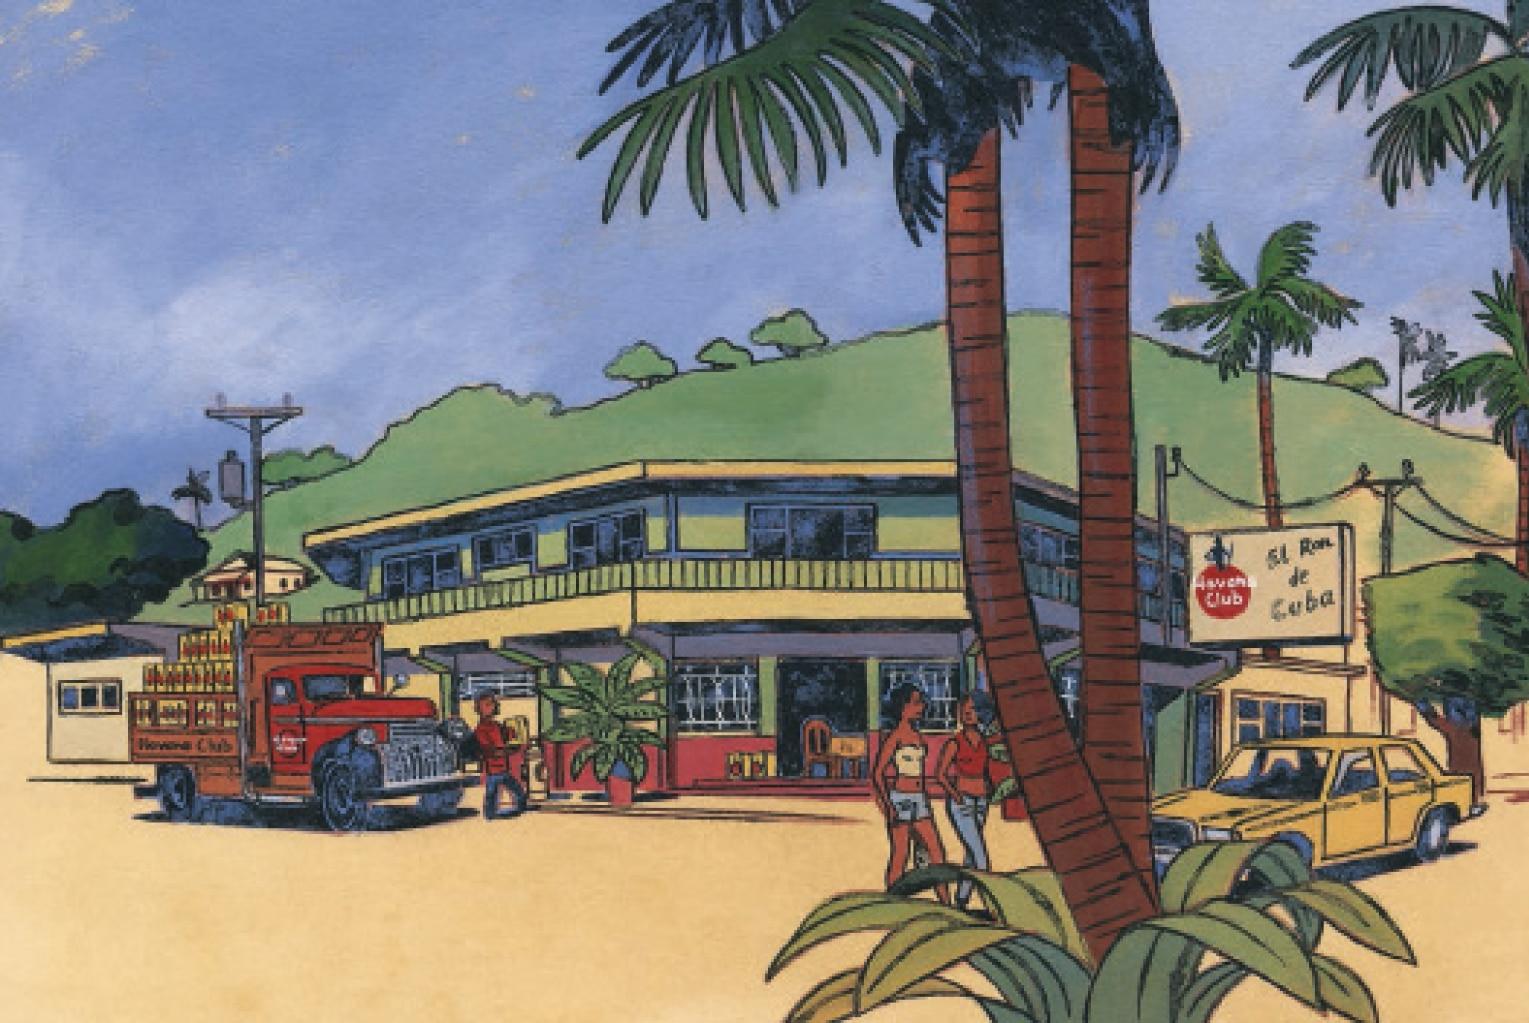 Histoire des marques - Havana Club - Rumporter